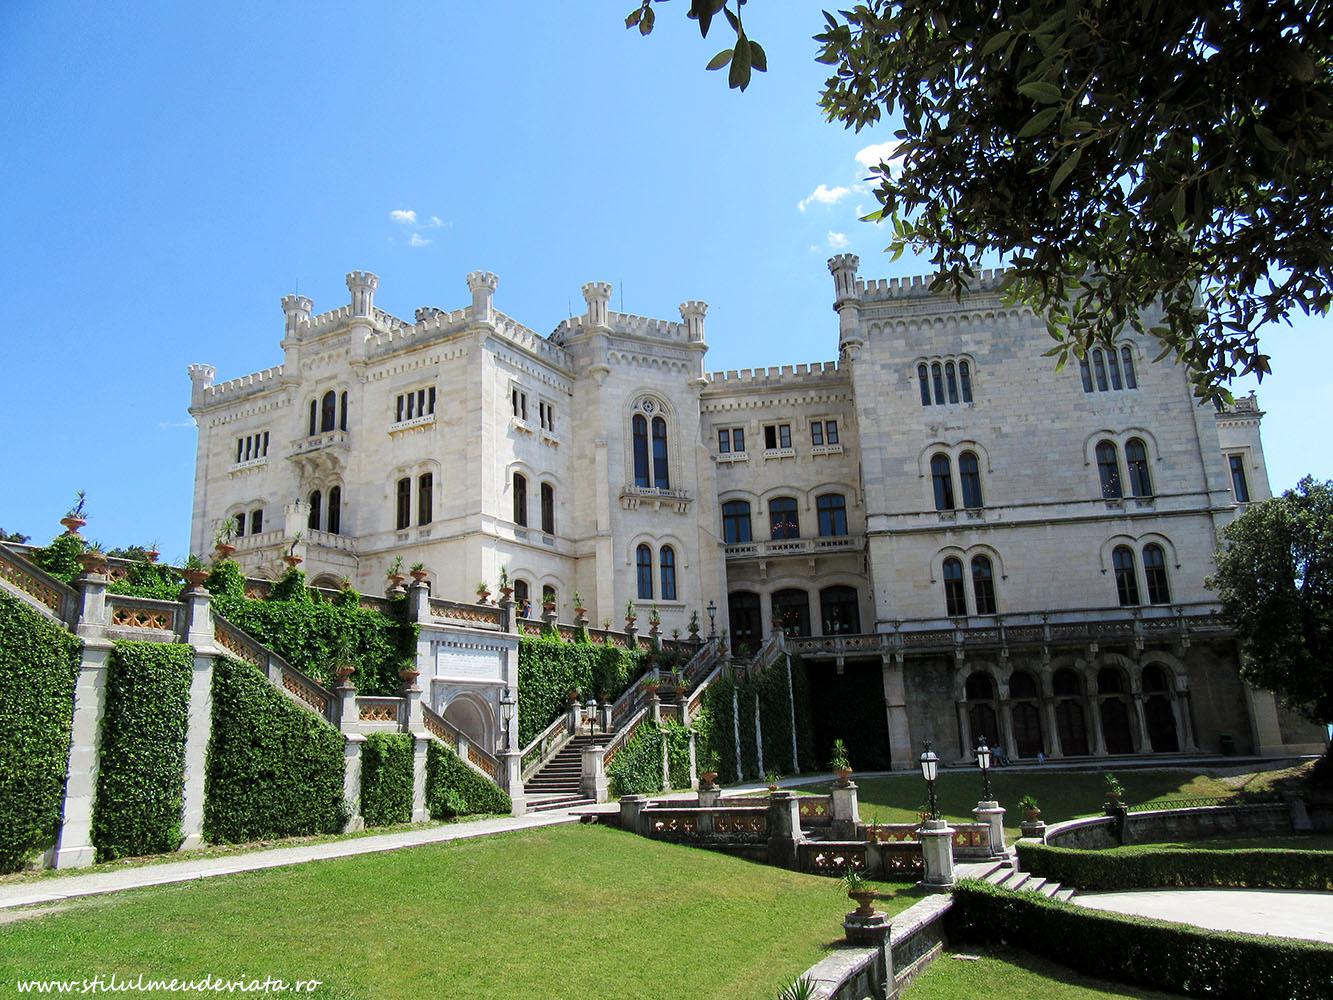 Castelul Miramare, Trieste, Italia